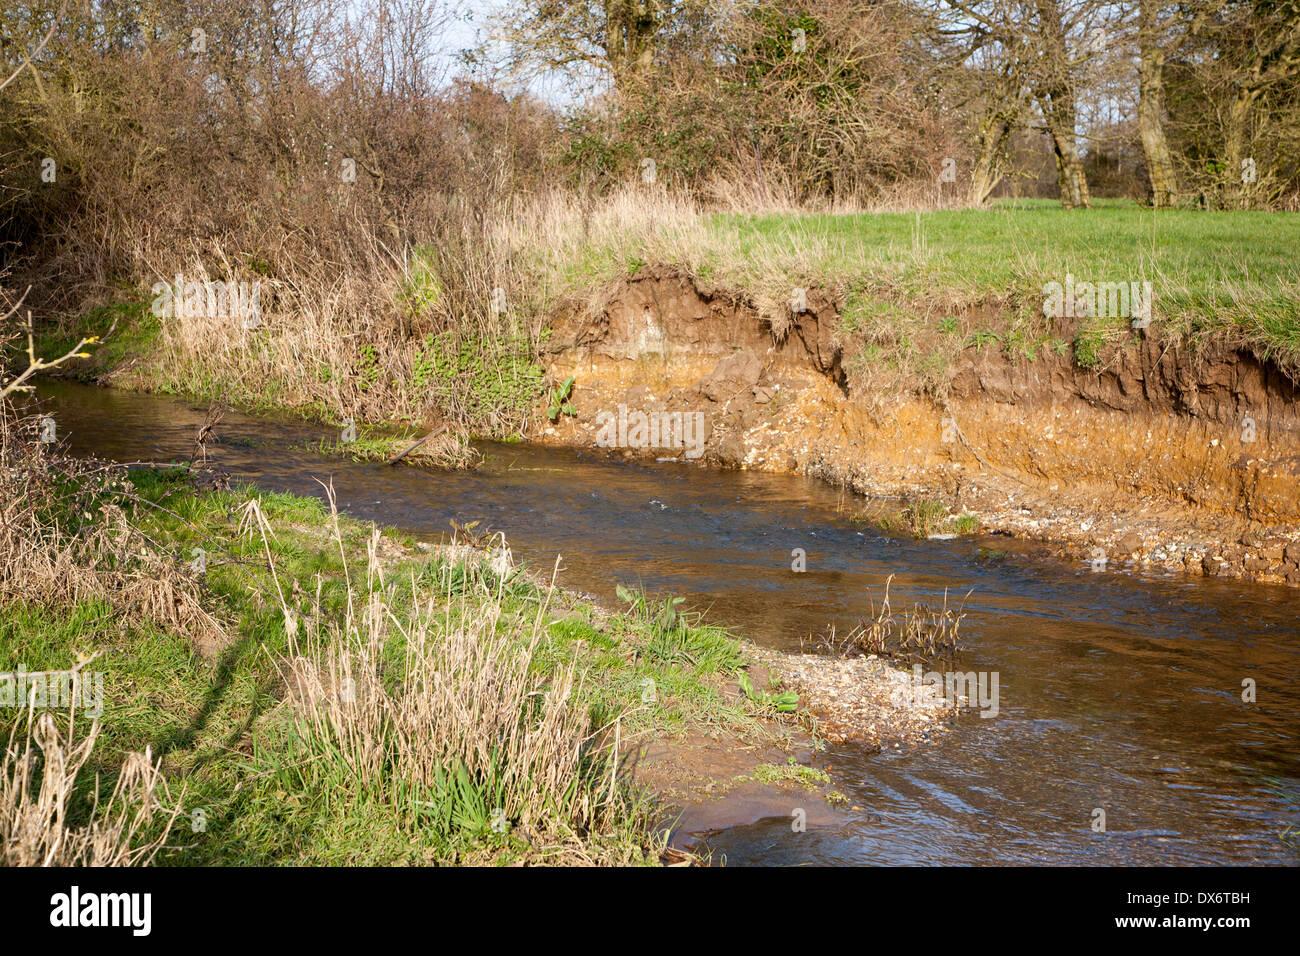 Erosion und Ablagerung mit Fluss Klippe und Rutsch-off Piste, River Deben, Ufford, Suffolk, England Stockbild